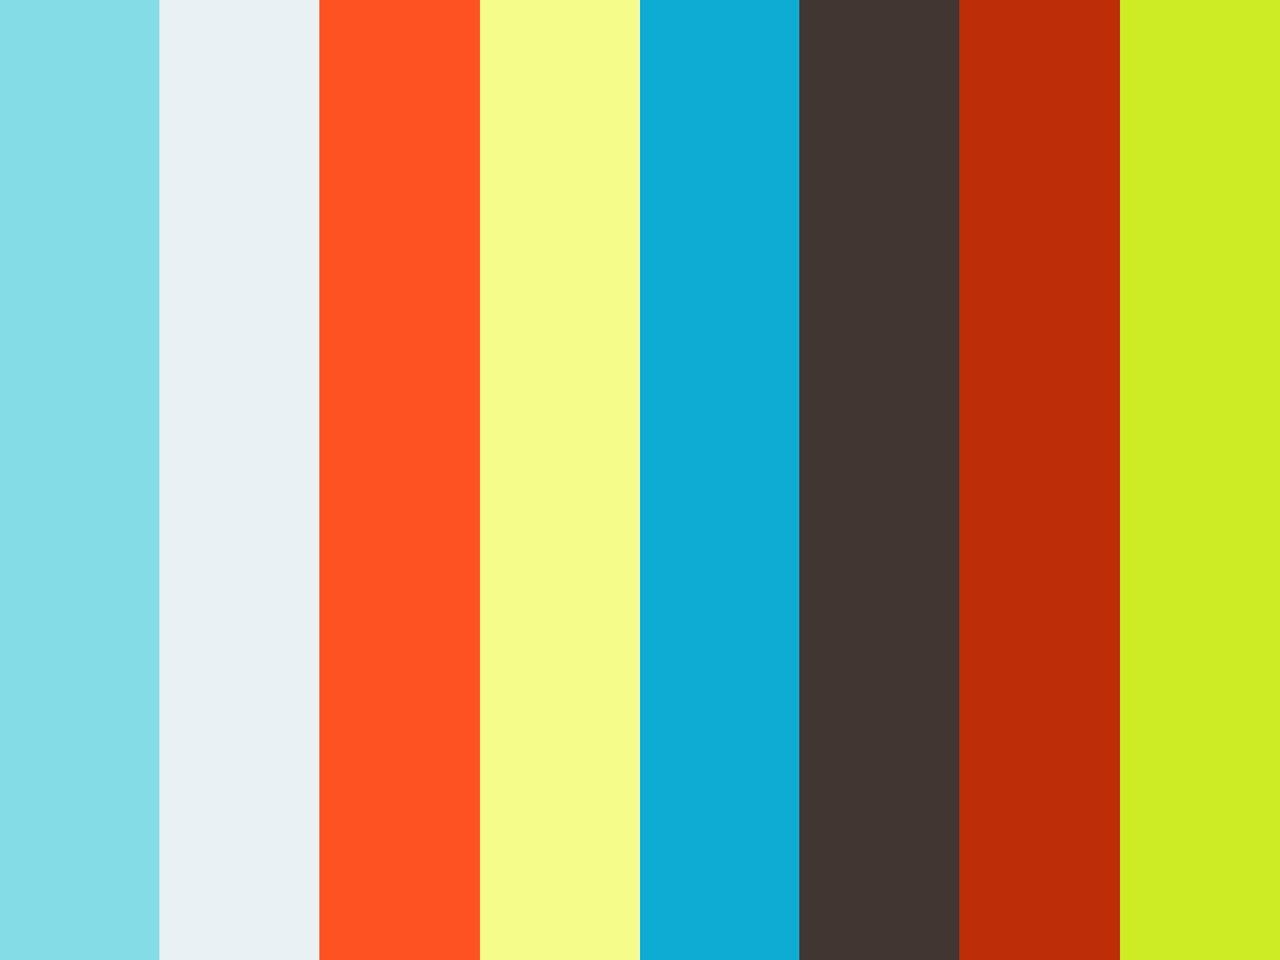 Consumer segmentation | Segment 01